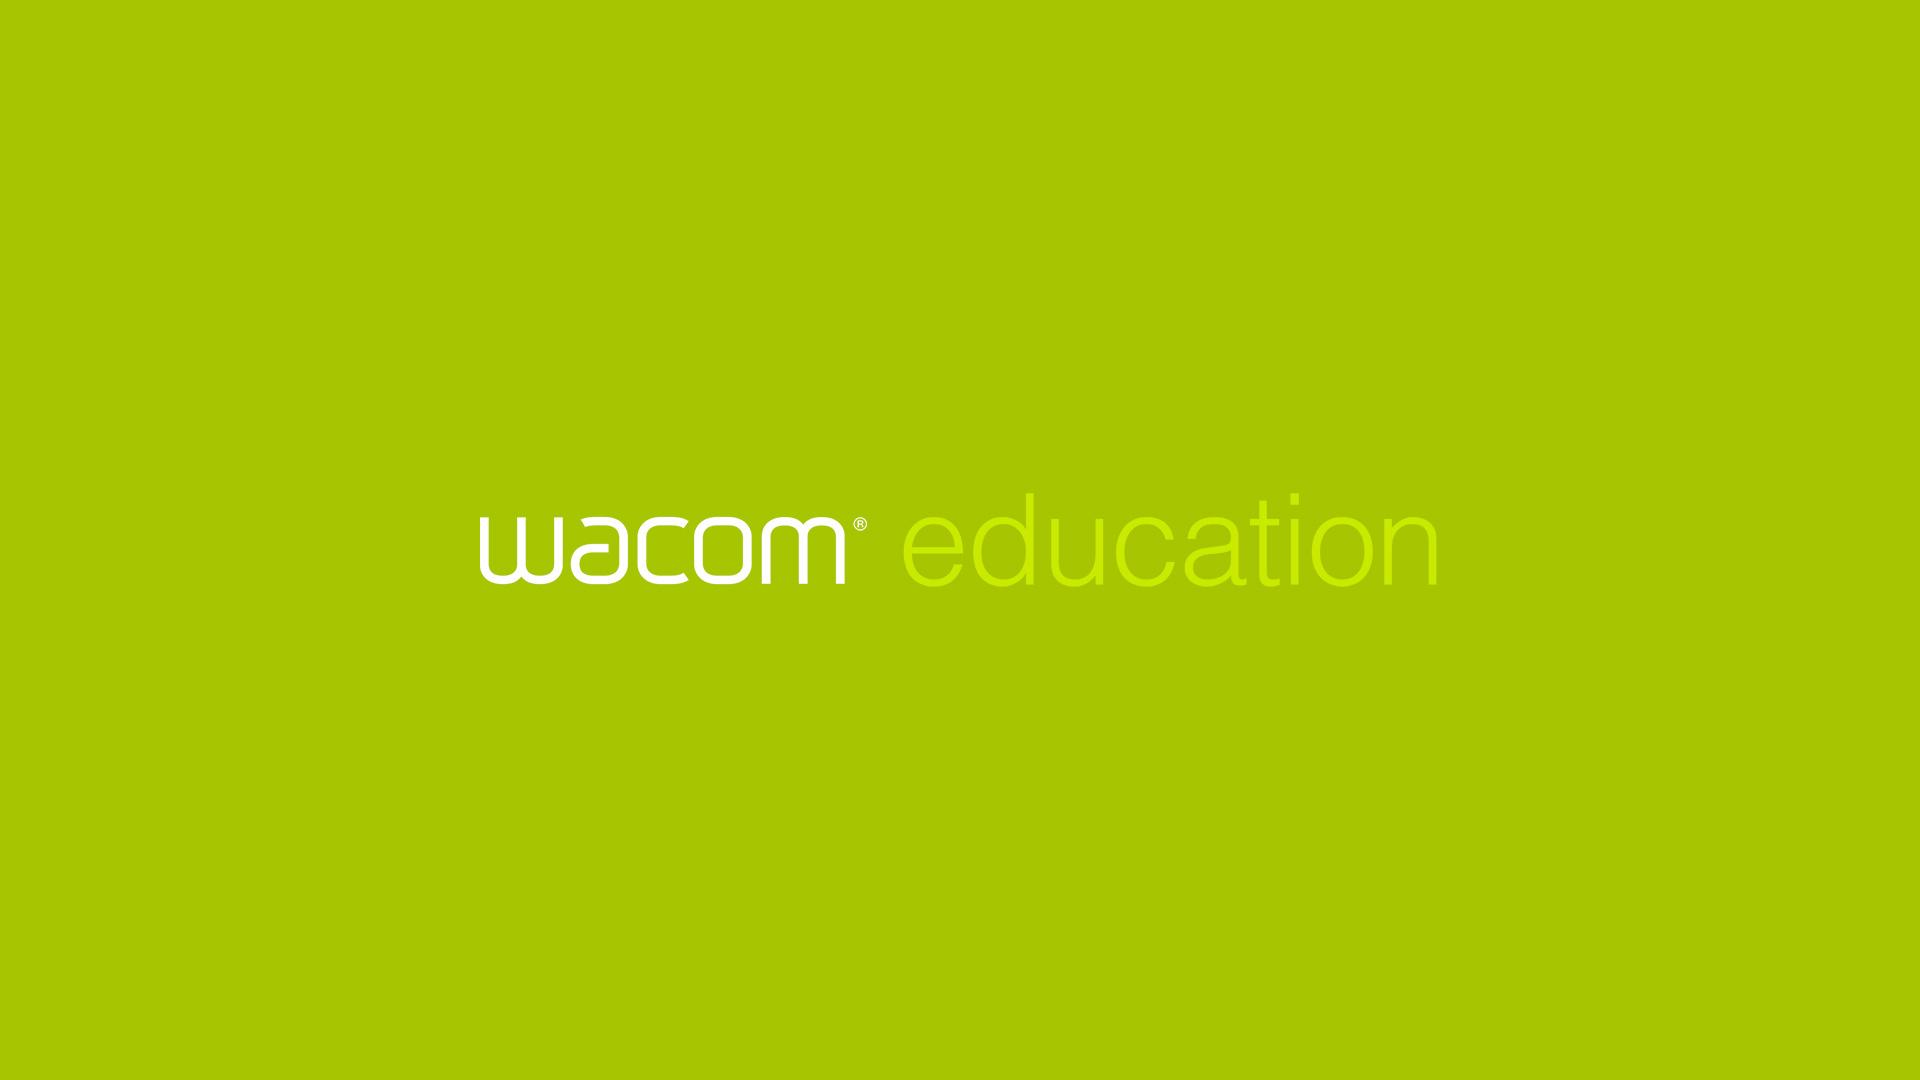 10-wacom-education